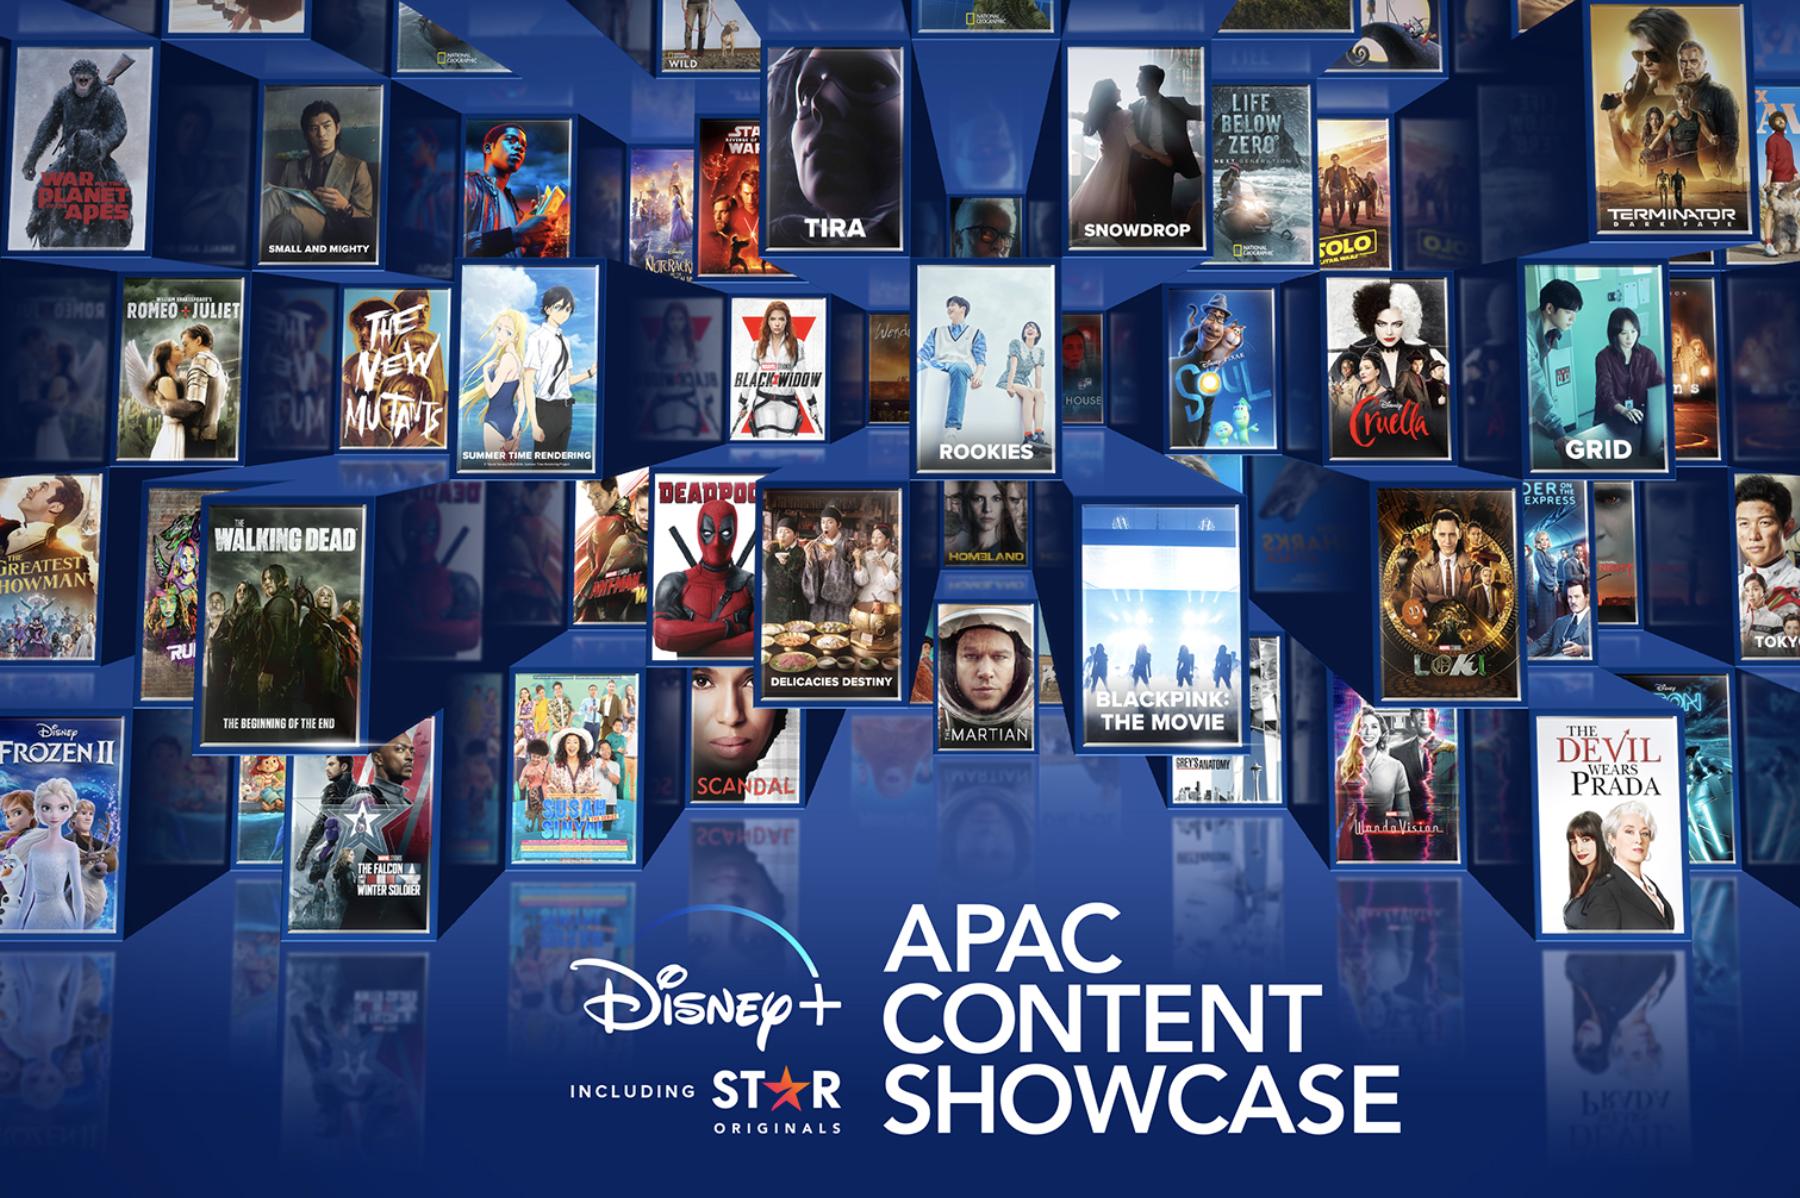 Disney+將於11月16日登陸香港,華納迪士尼公司於14日亞太區內容線上發布會公布數部亞太區本地作品。(華特迪士尼公司提供)